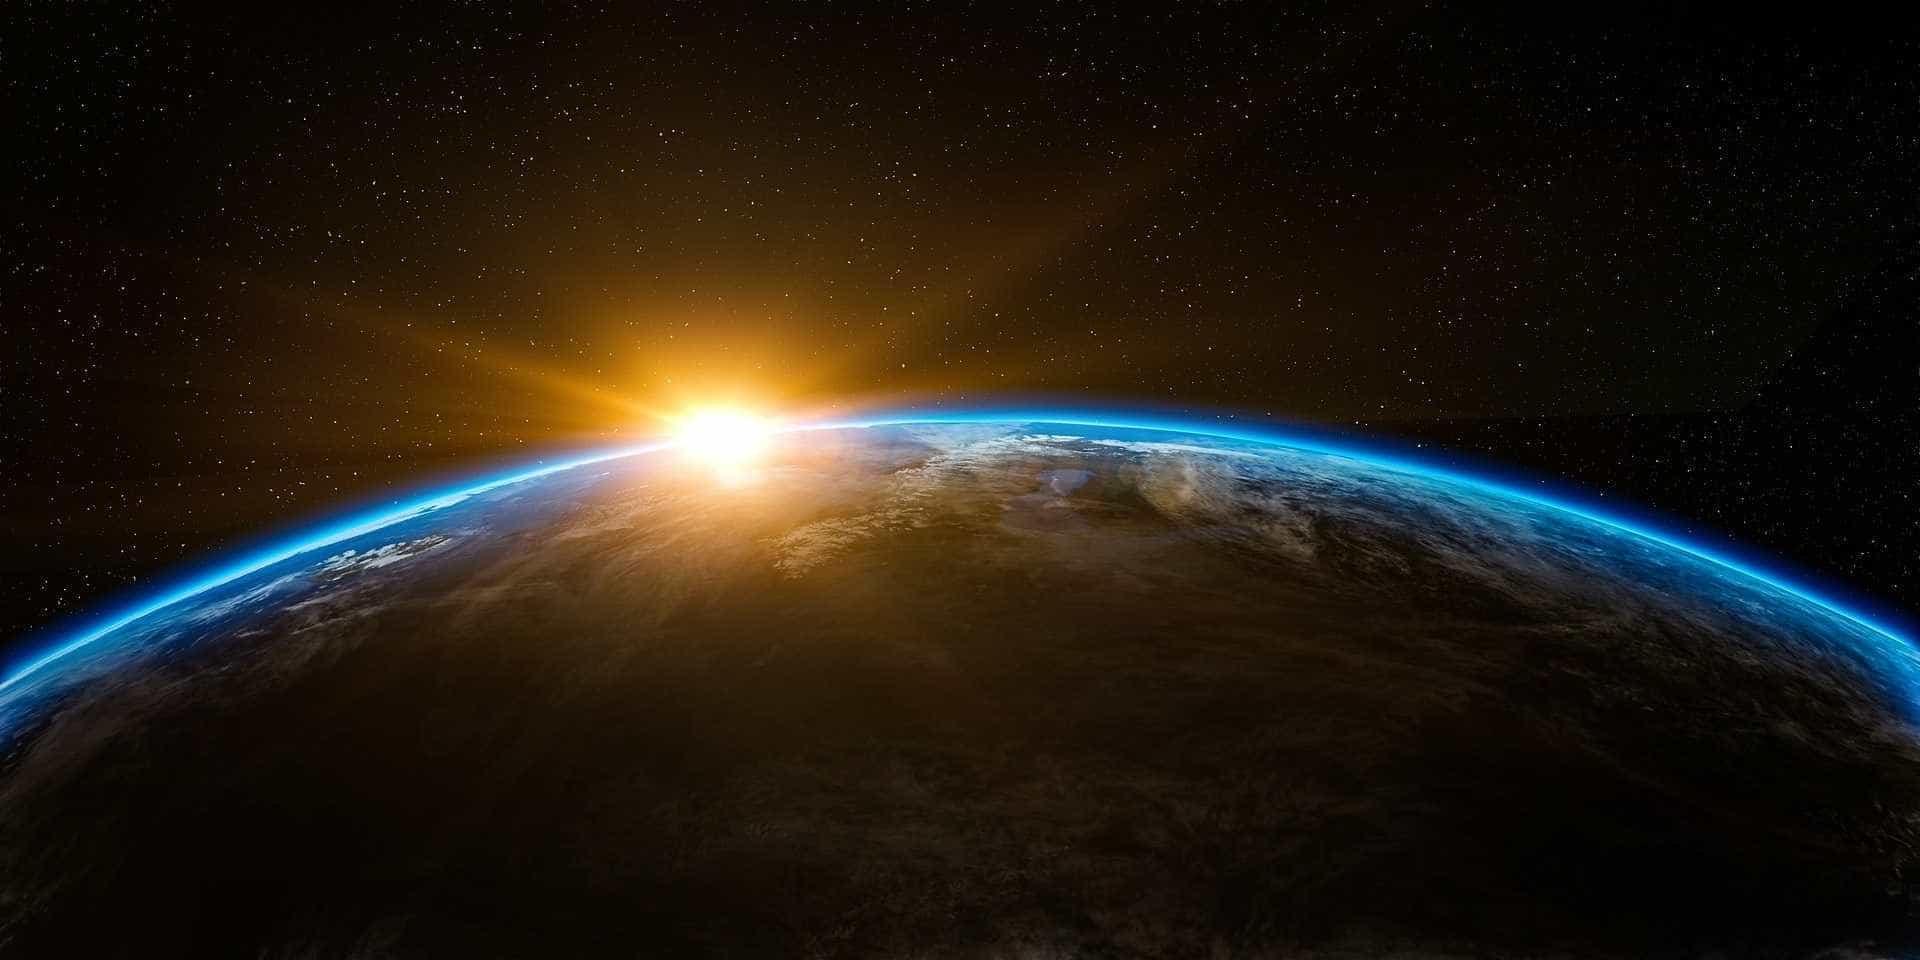 Astronauta diz que deterioração da Terra já é visível do espaço